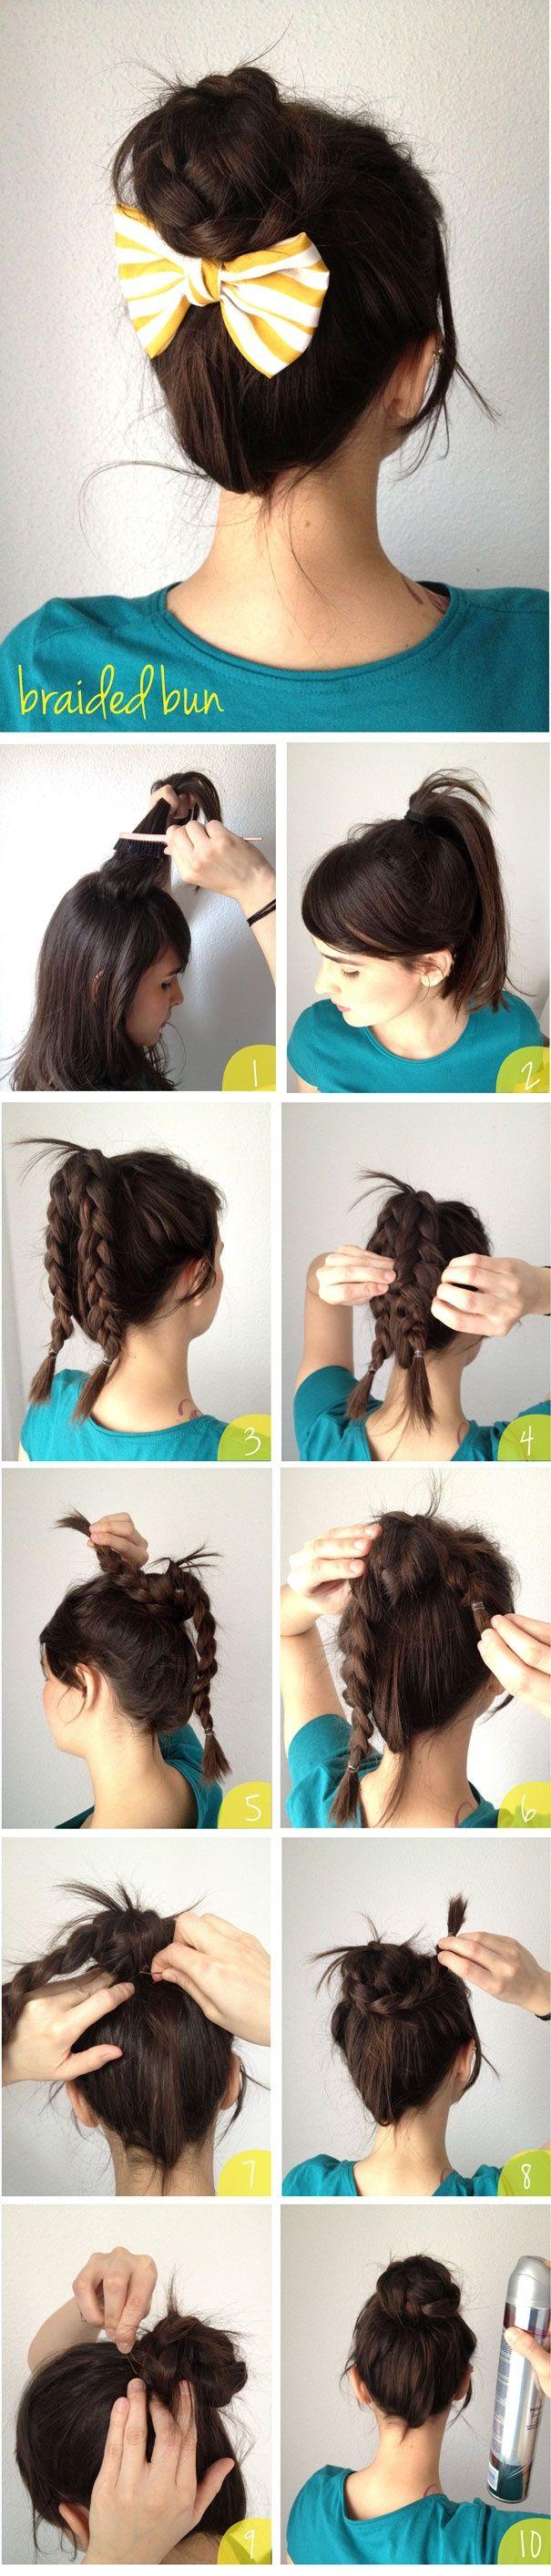 Easy braid or bun ideas for your hair?